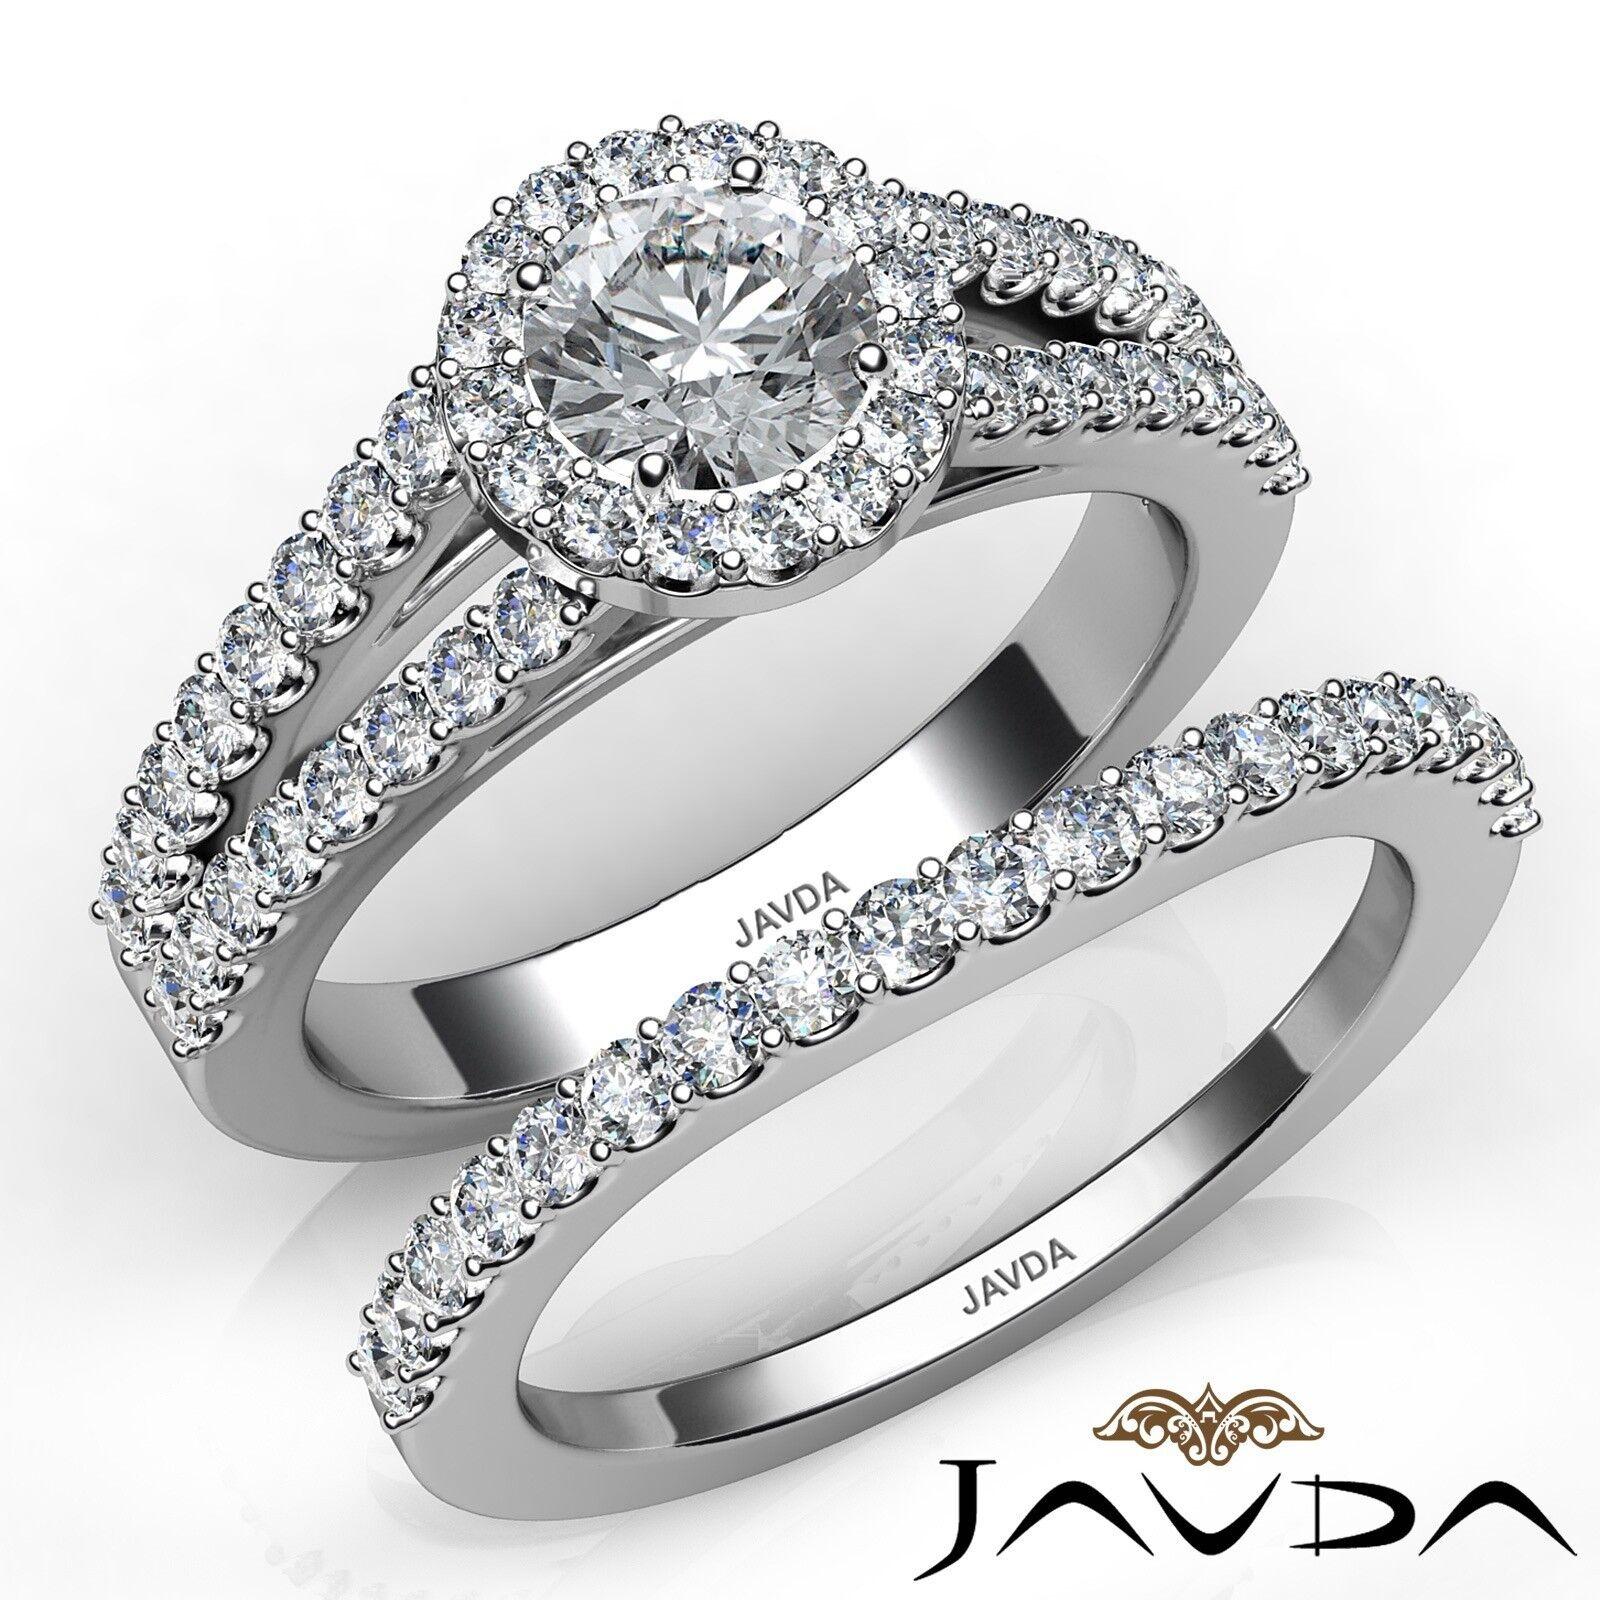 2.31ctw Luxurious Wedding Bridal Round Diamond Engagement Ring GIA E-VVS2 W Gold